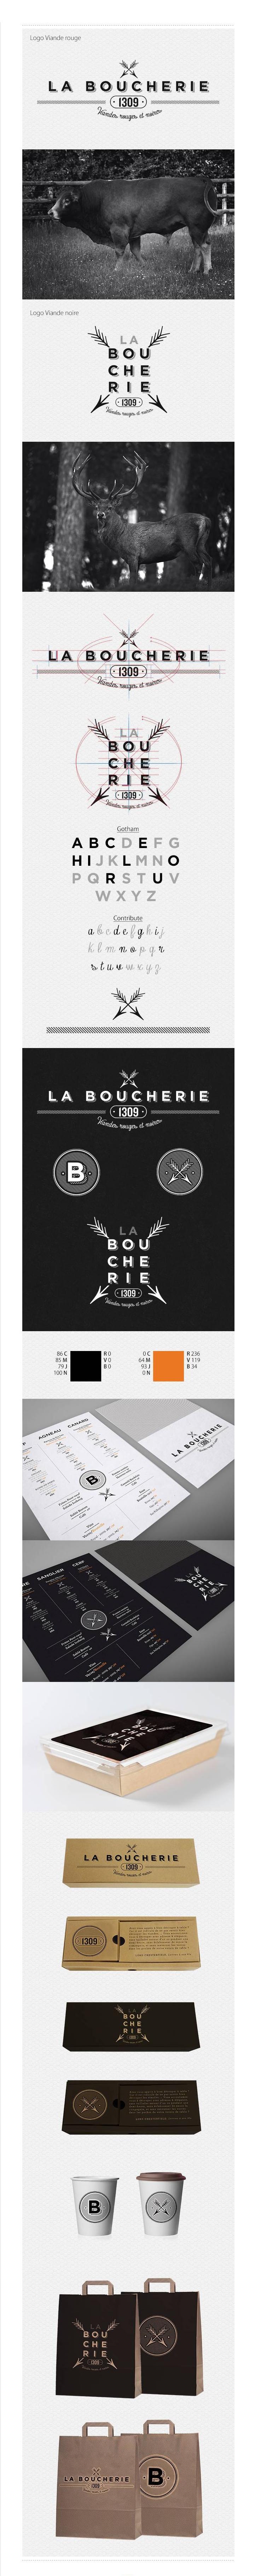 La Boucherie on Behance